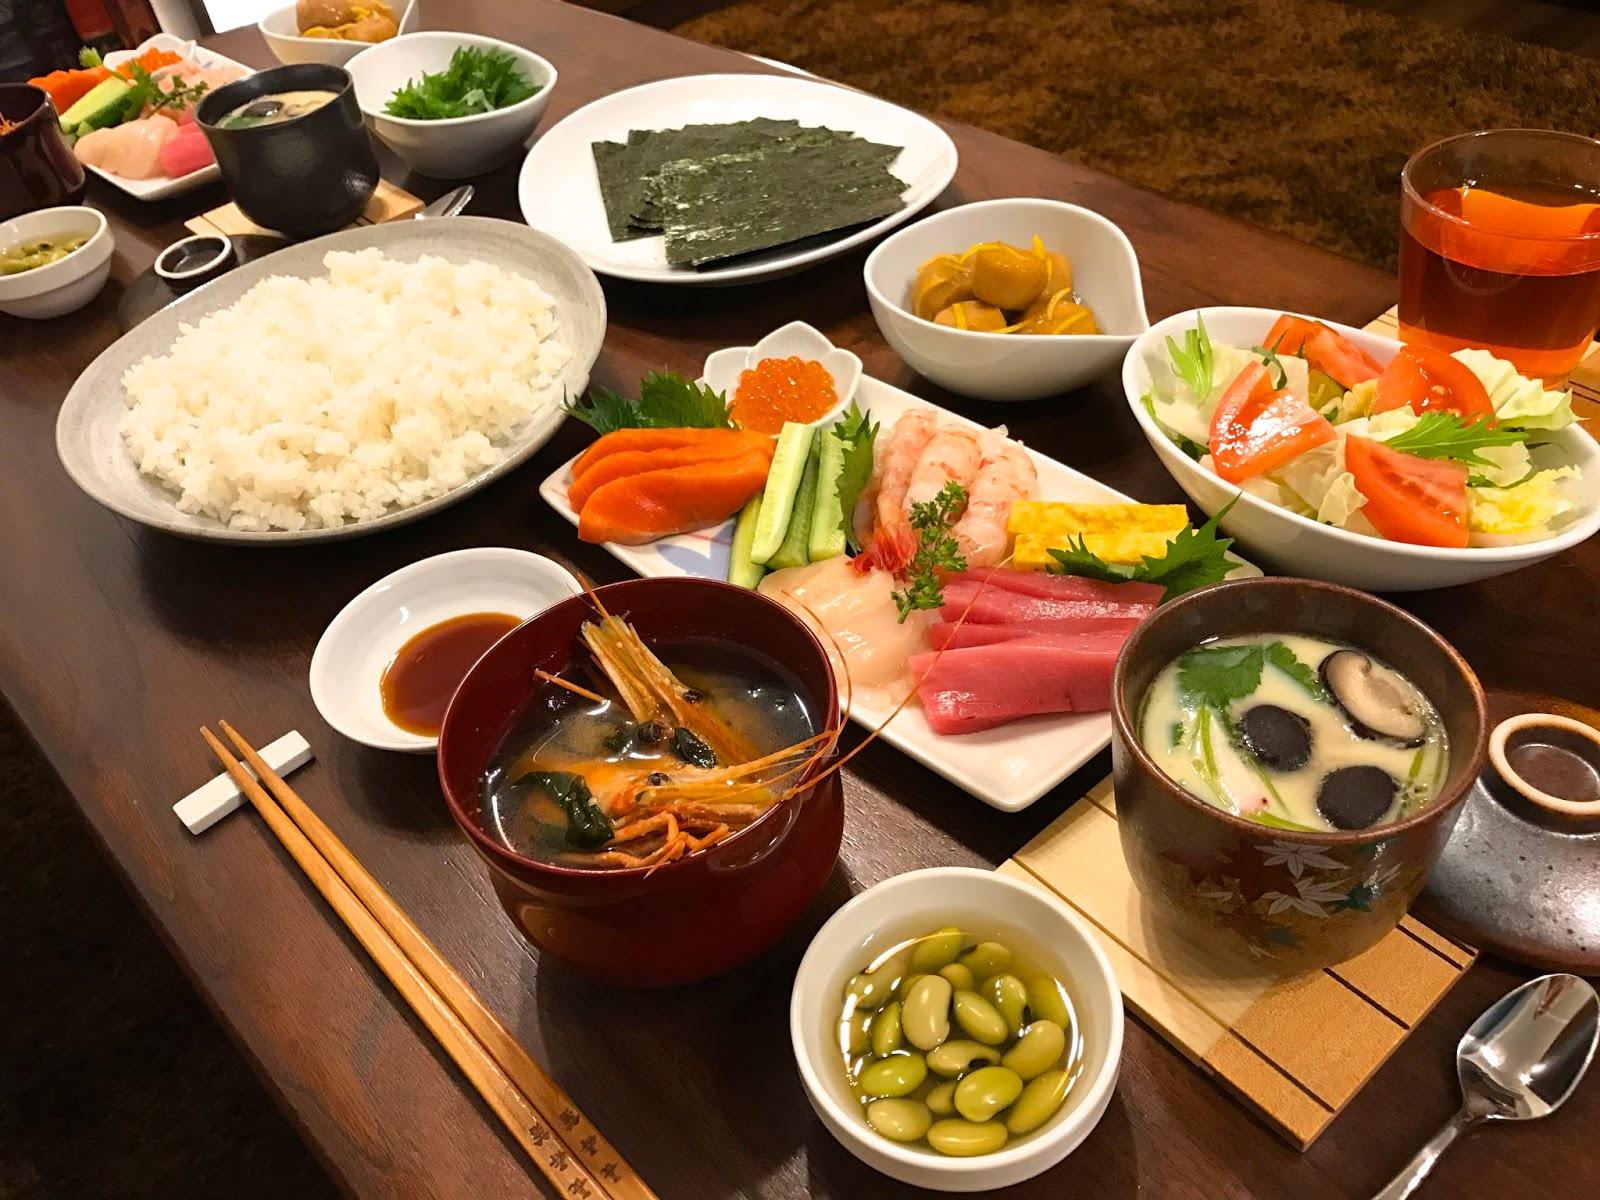 手 巻き 寿司 献立 手巻き寿司を使った献立|楽天レシピ